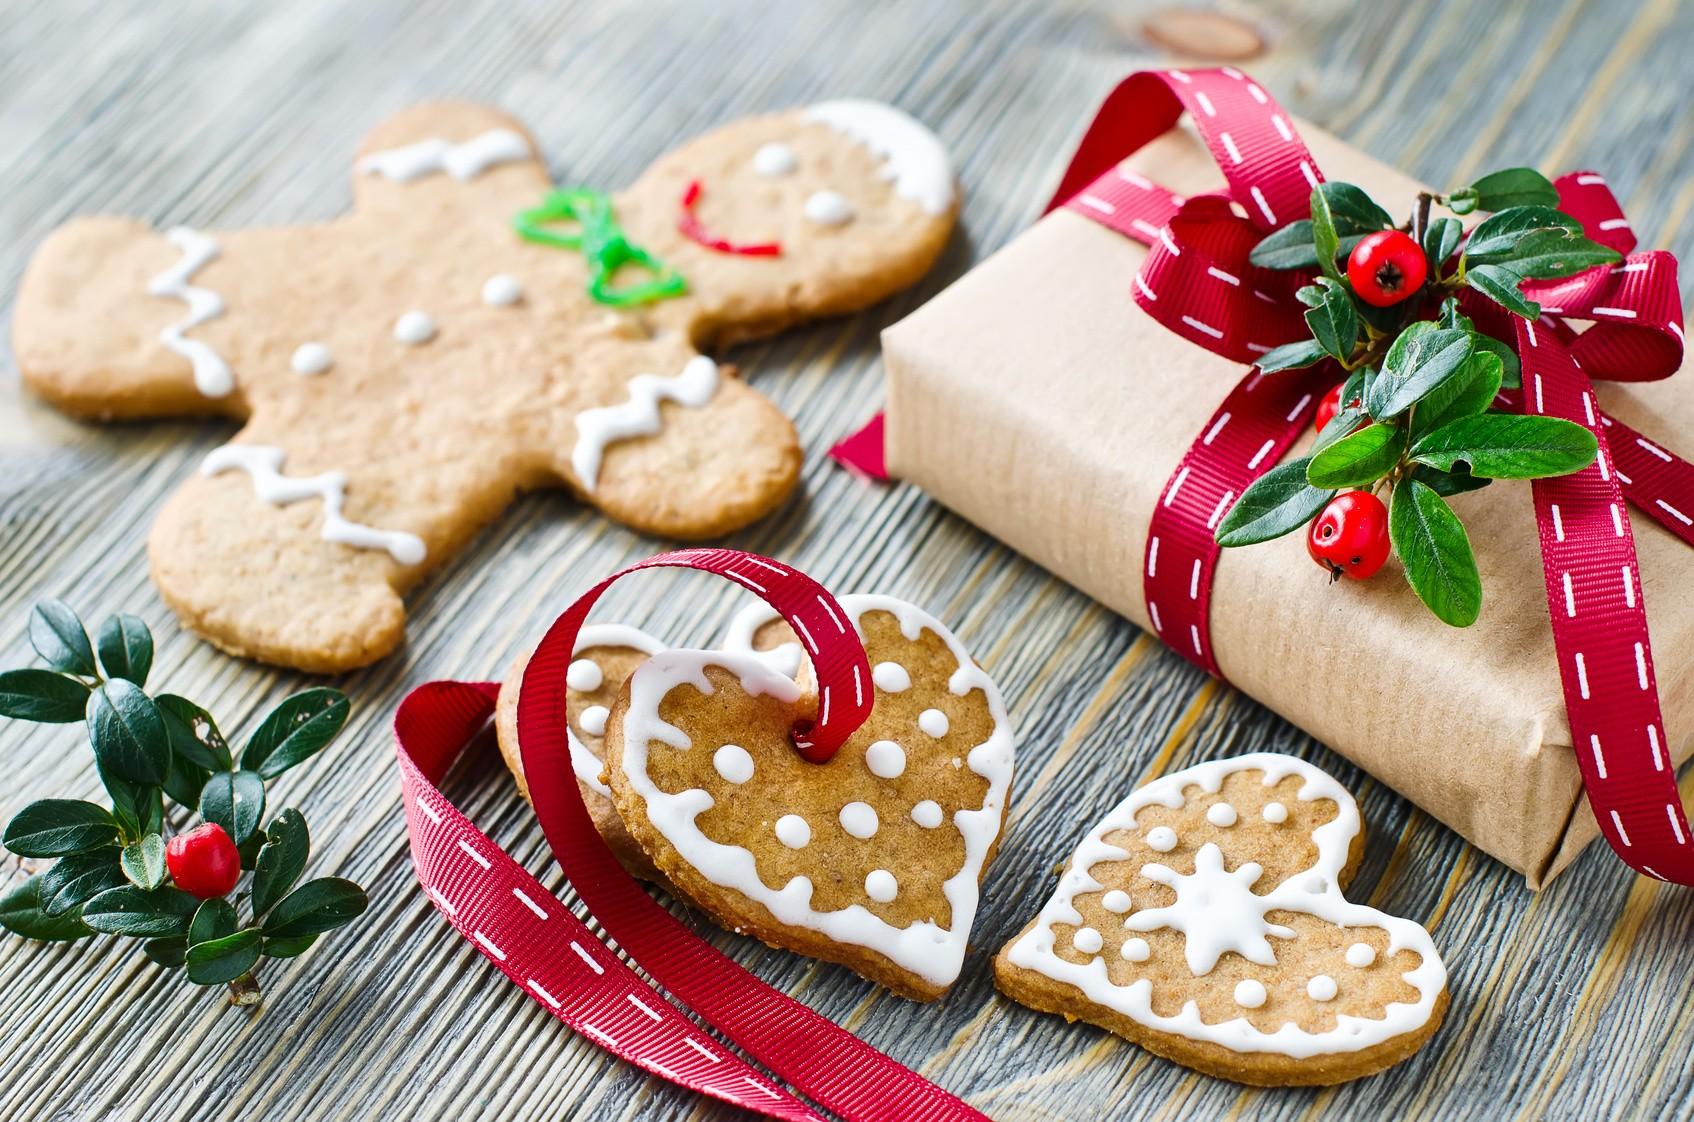 7 Способов Отпраздновать Рождество без Больших Денежных Затрат